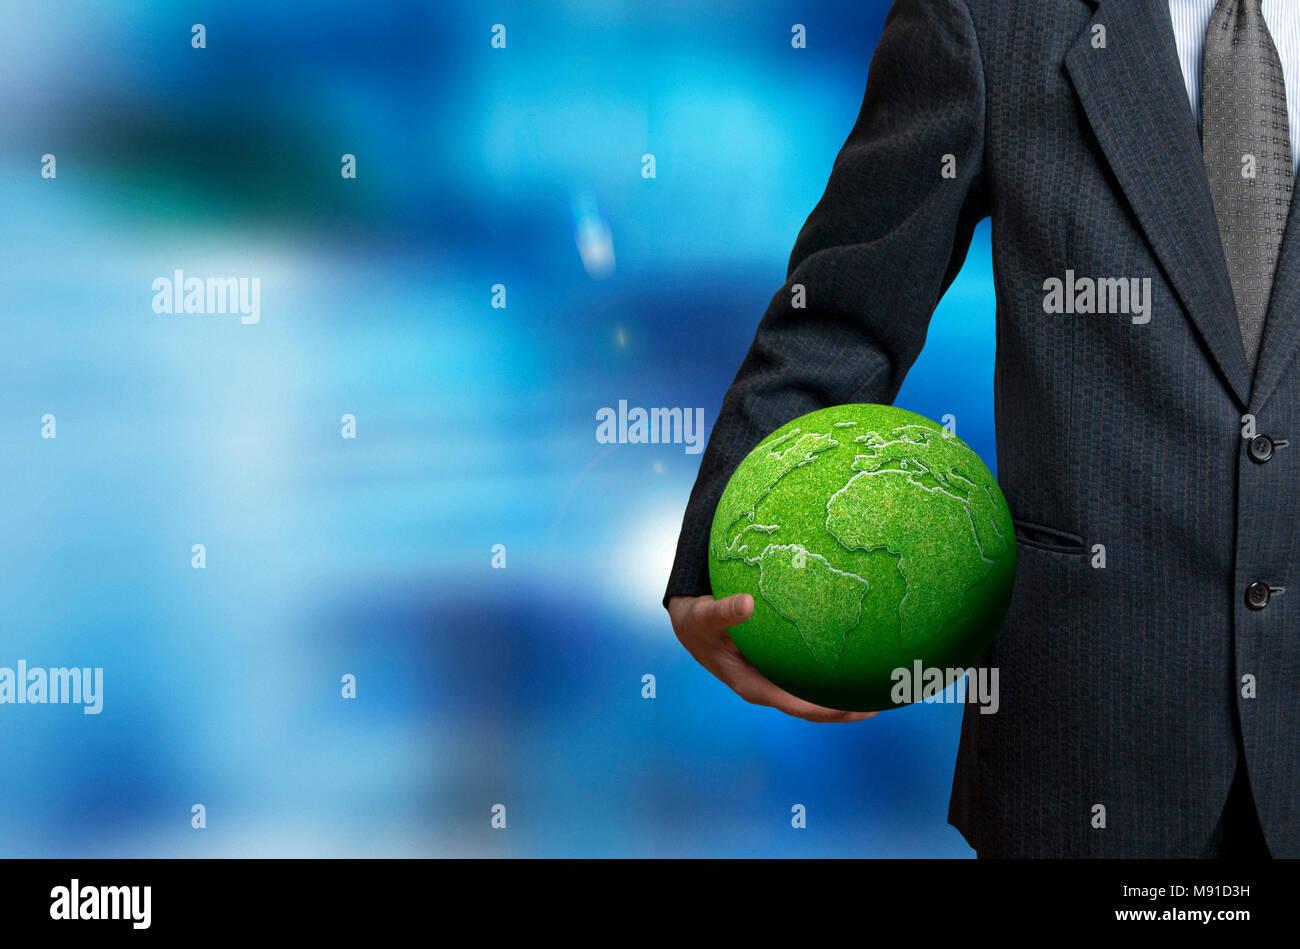 Uomo in possesso di una terra verde - La responsabilità sociale delle imprese concept Immagini Stock